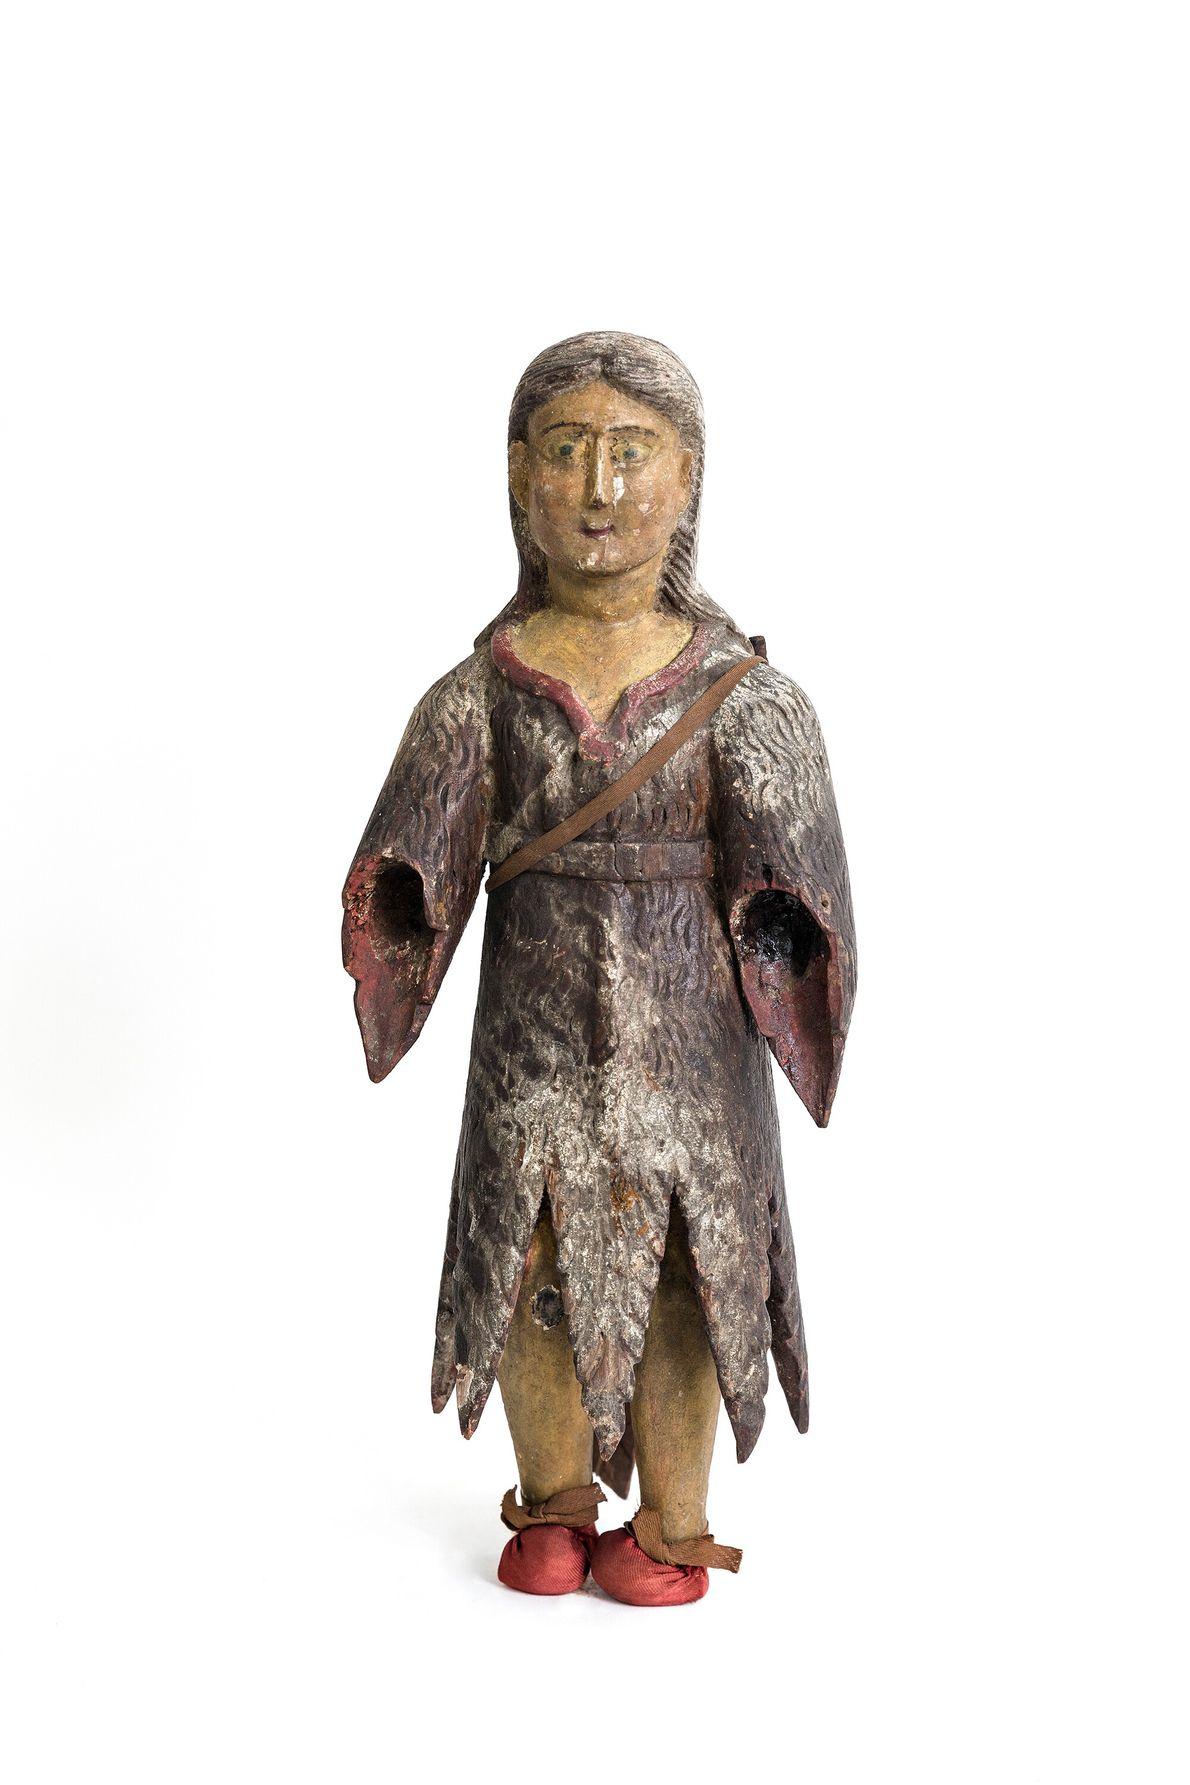 Imagem de um caboclo, nome dado aos espíritos de antigos indígenas, talhada em madeira e pintada. ...